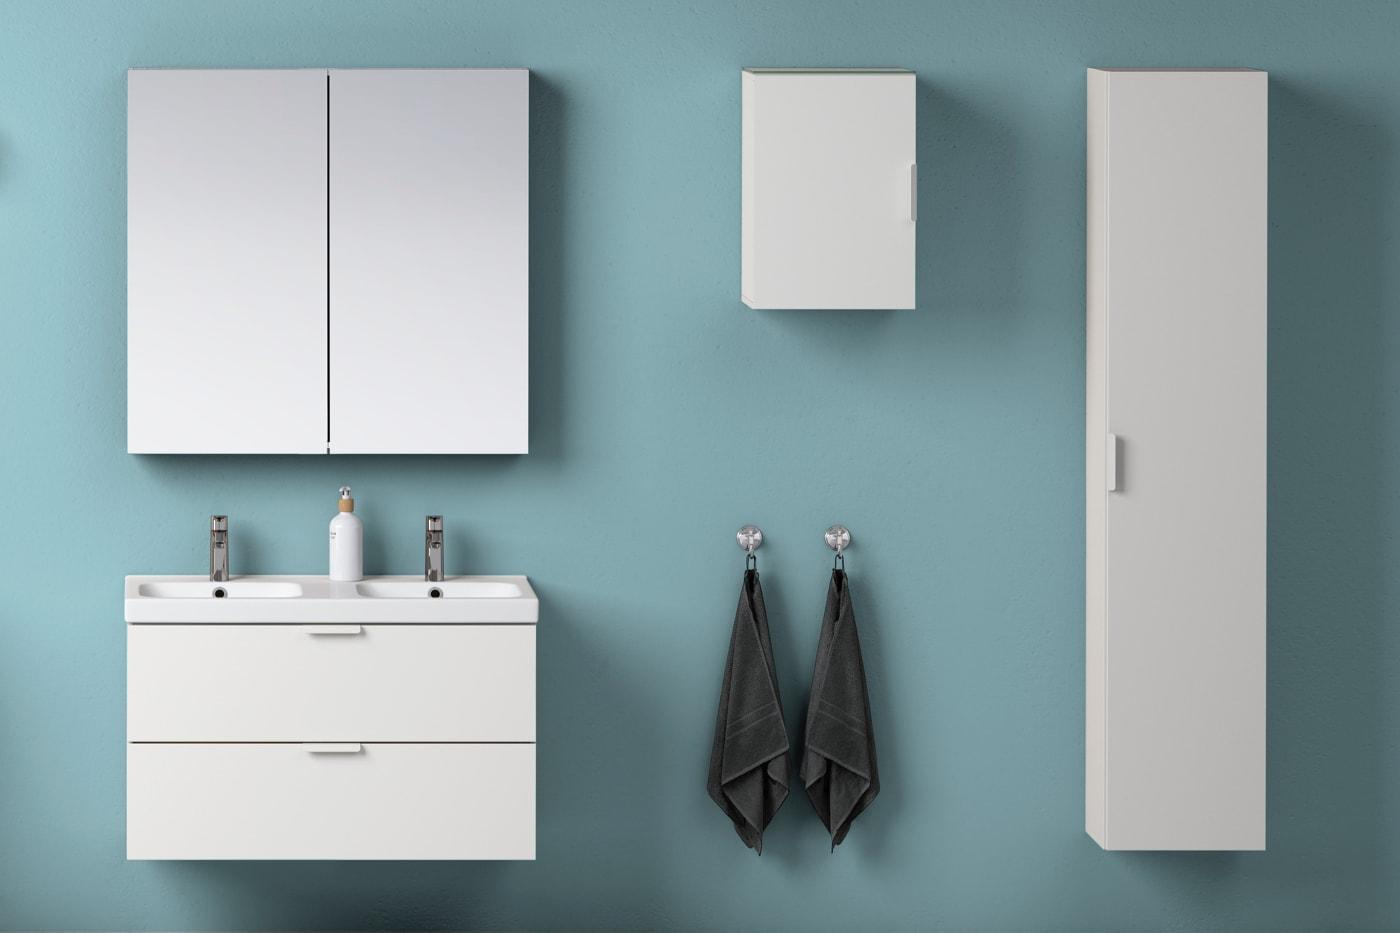 Badezimmer mit weißen Möbeln & grüner Wand - eingerichtet mit der GODMORGON Serie.